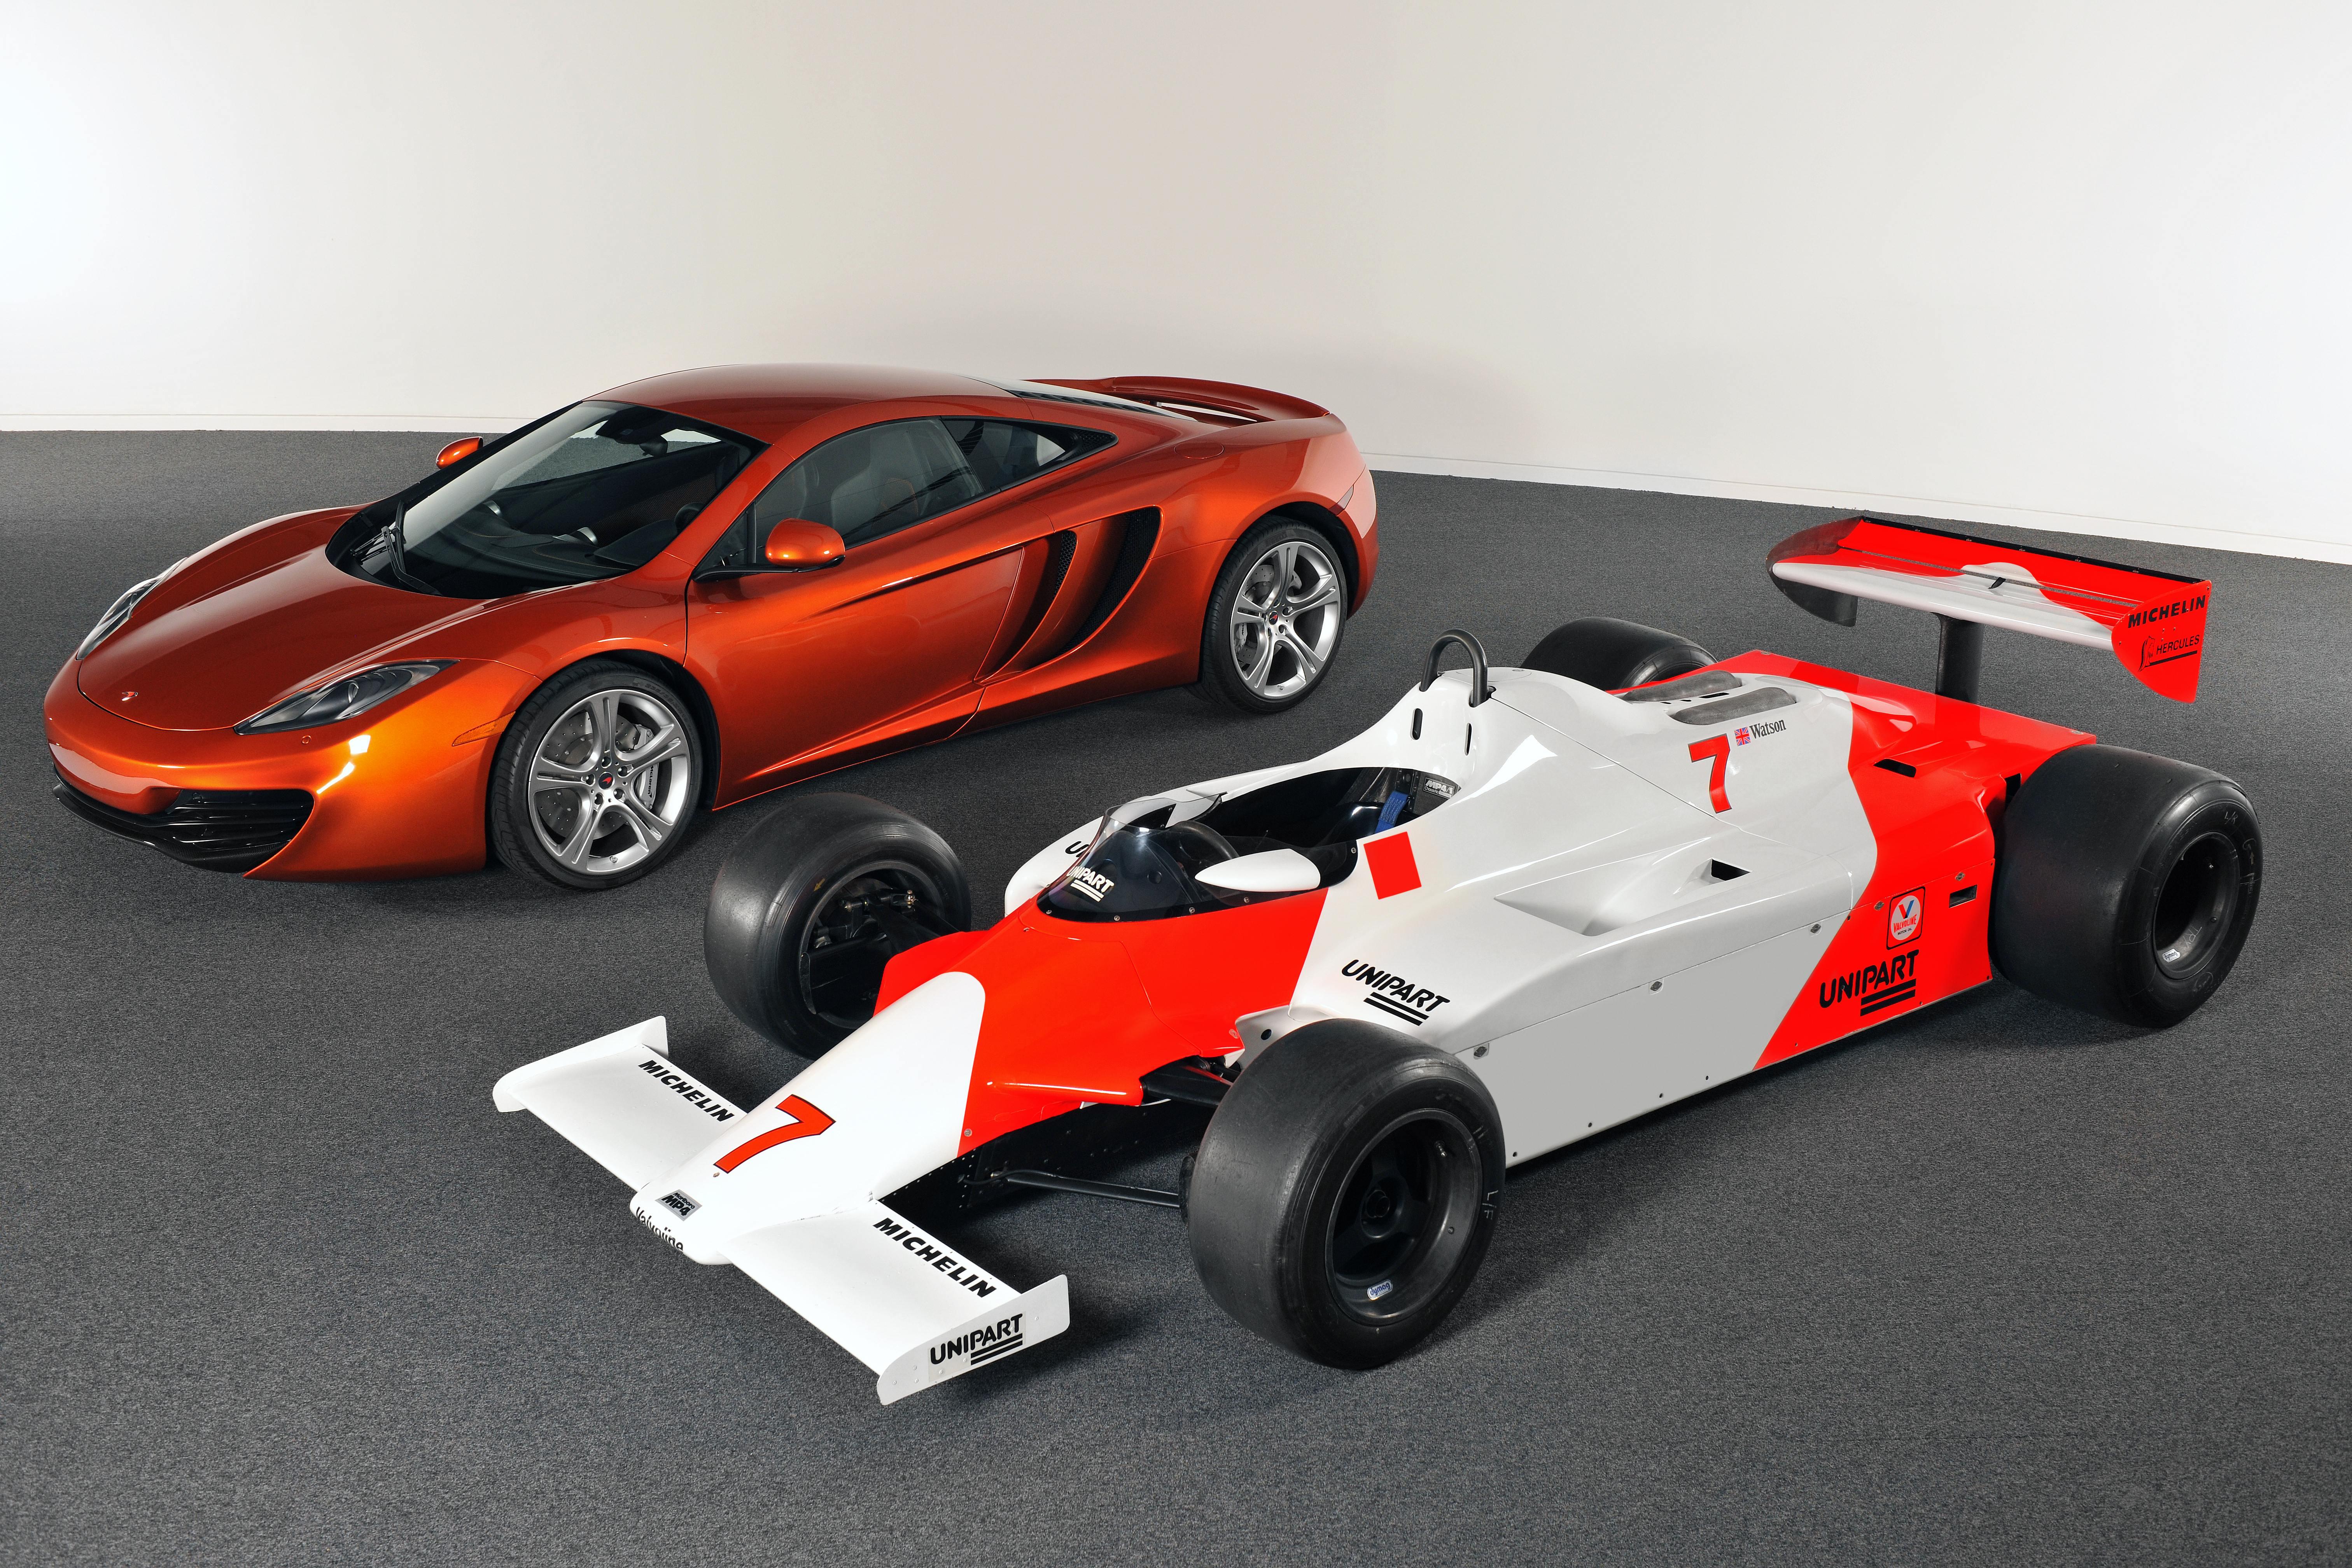 McLaren MP4-12C 2012 with MP4-1